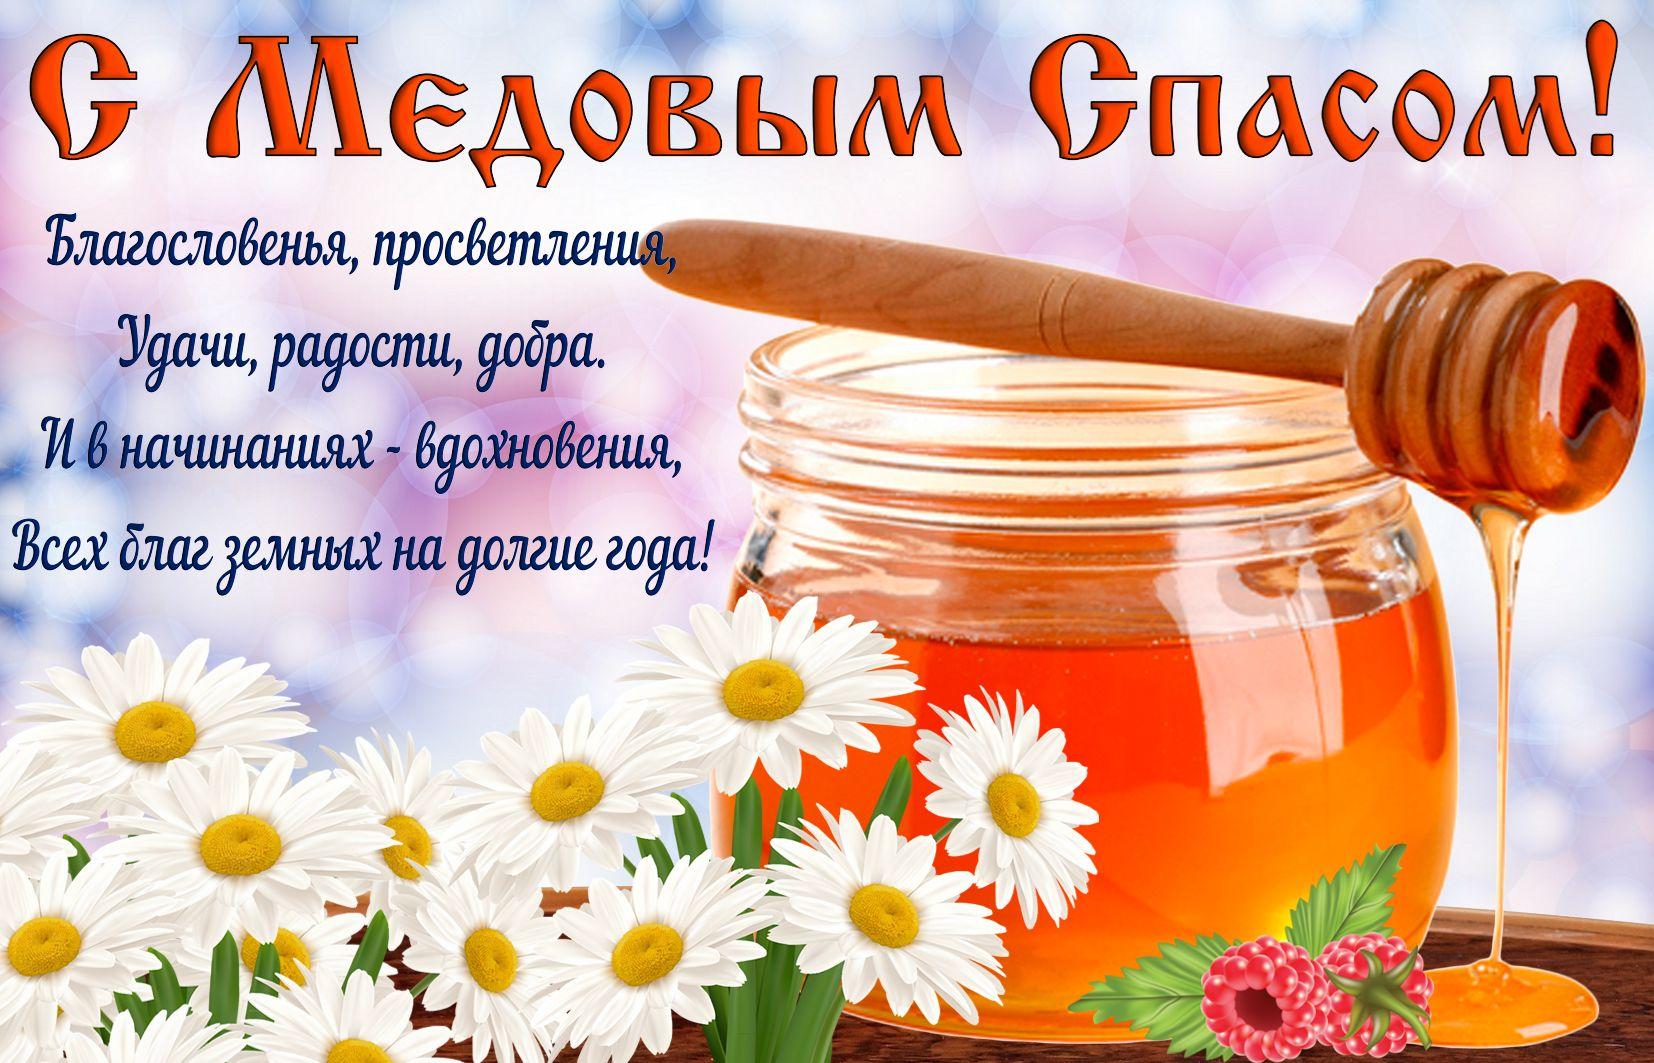 стихи с праздником медовый спас ведомый